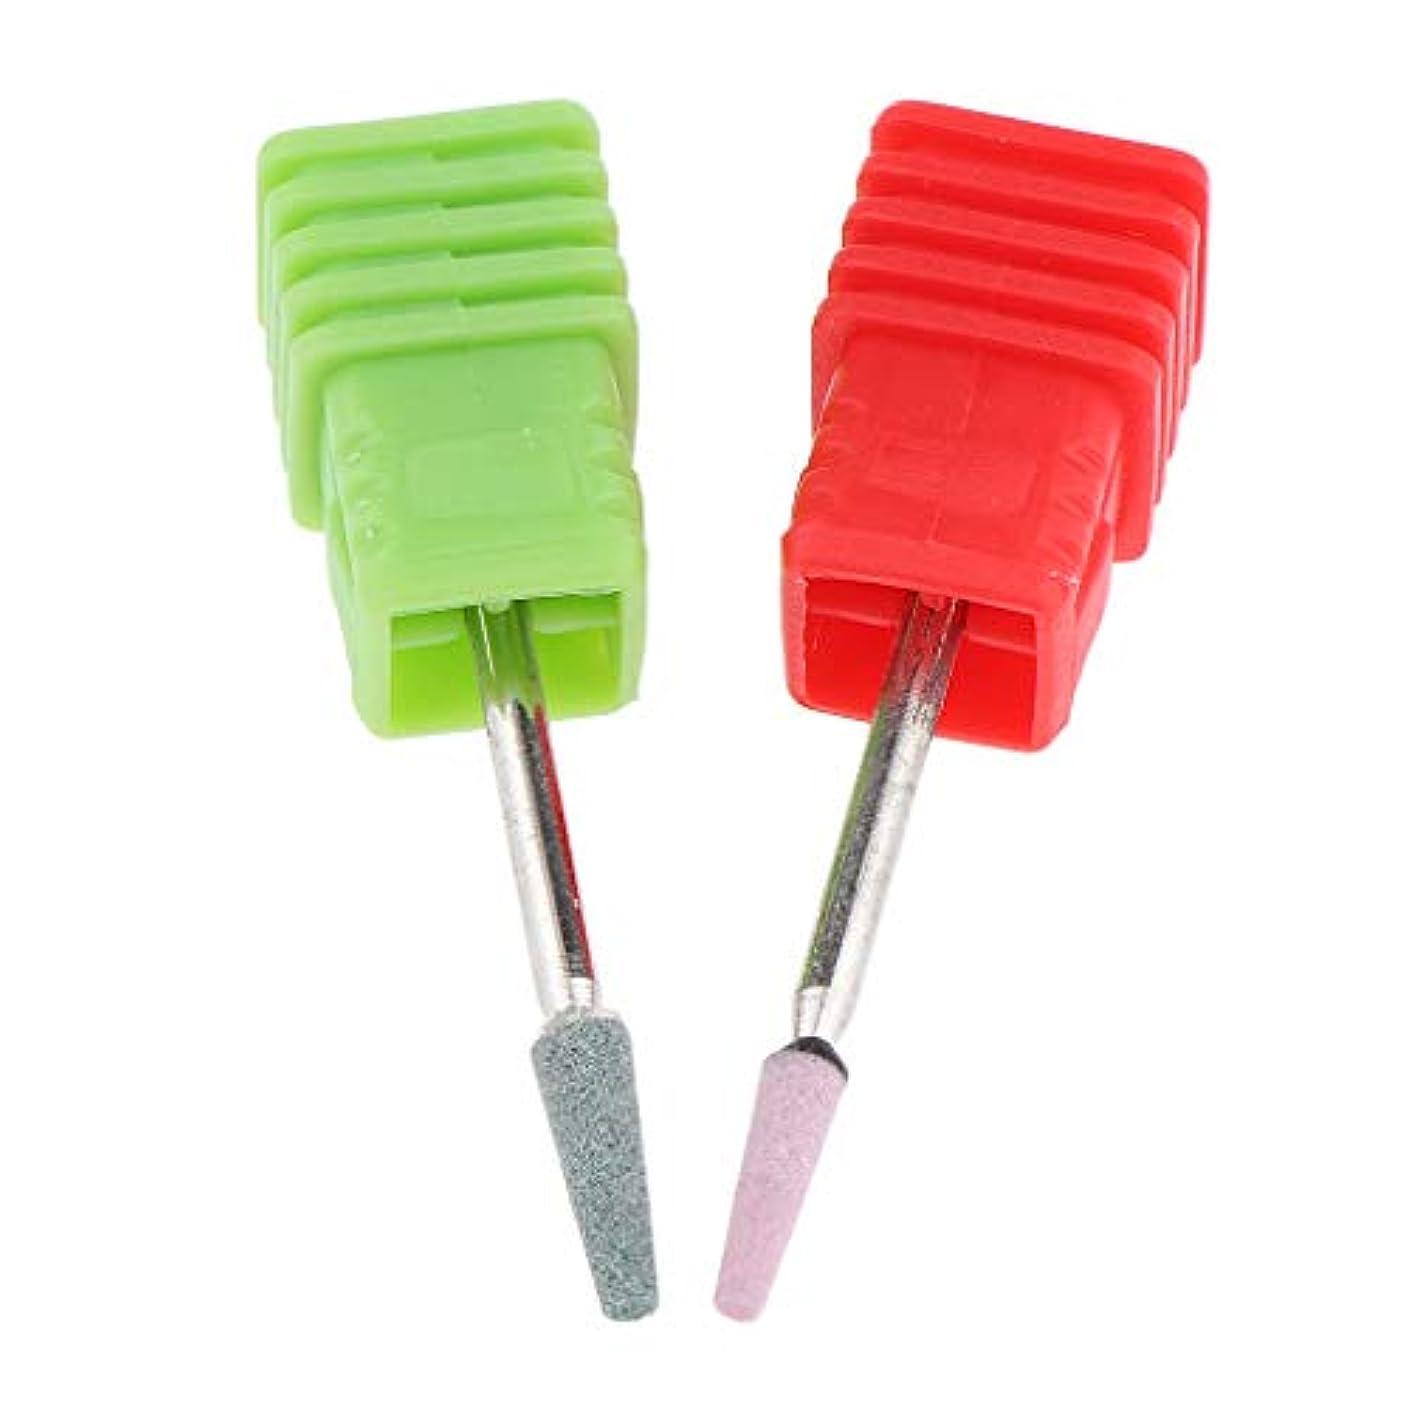 苦しみ変成器テレックスネイルドリル用 ネイルビット 研削ヘッド ネイルドリルビット 2本入り